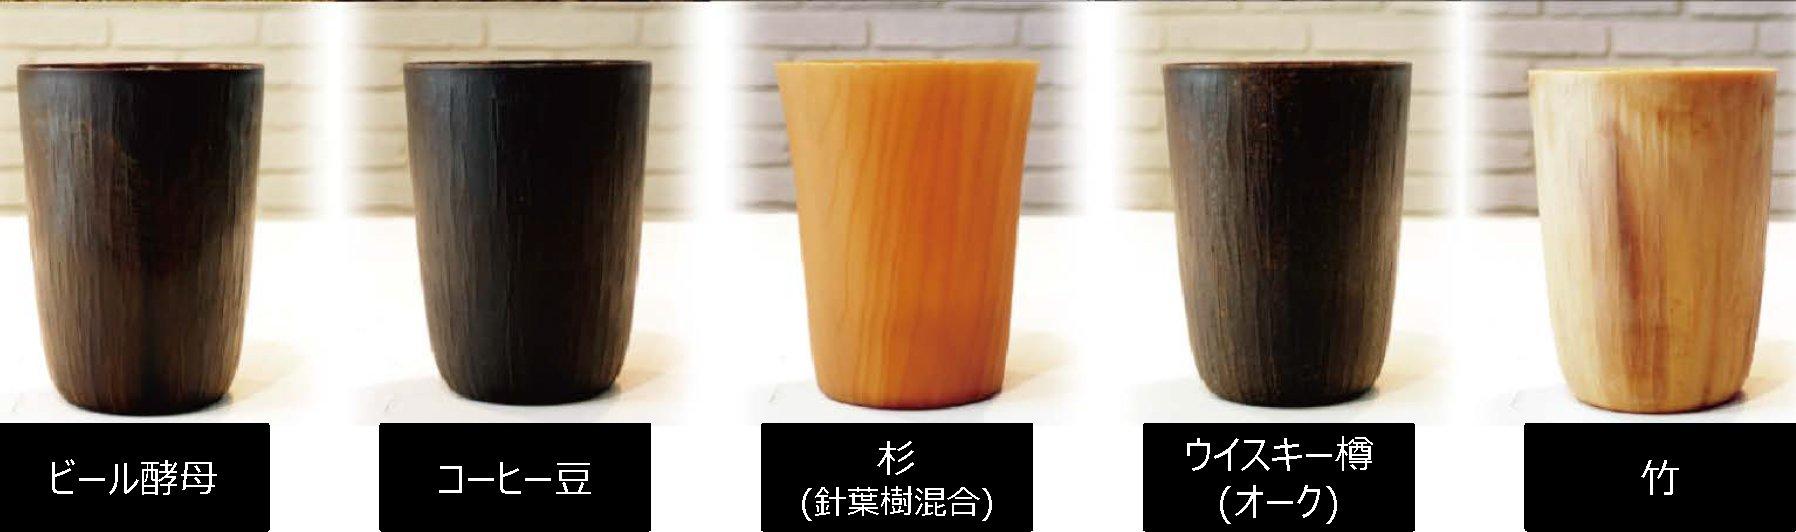 写真:左から、ビール酵母、コーヒー豆のかす、杉、ウィスキー樽、竹を用いたリユースカップ